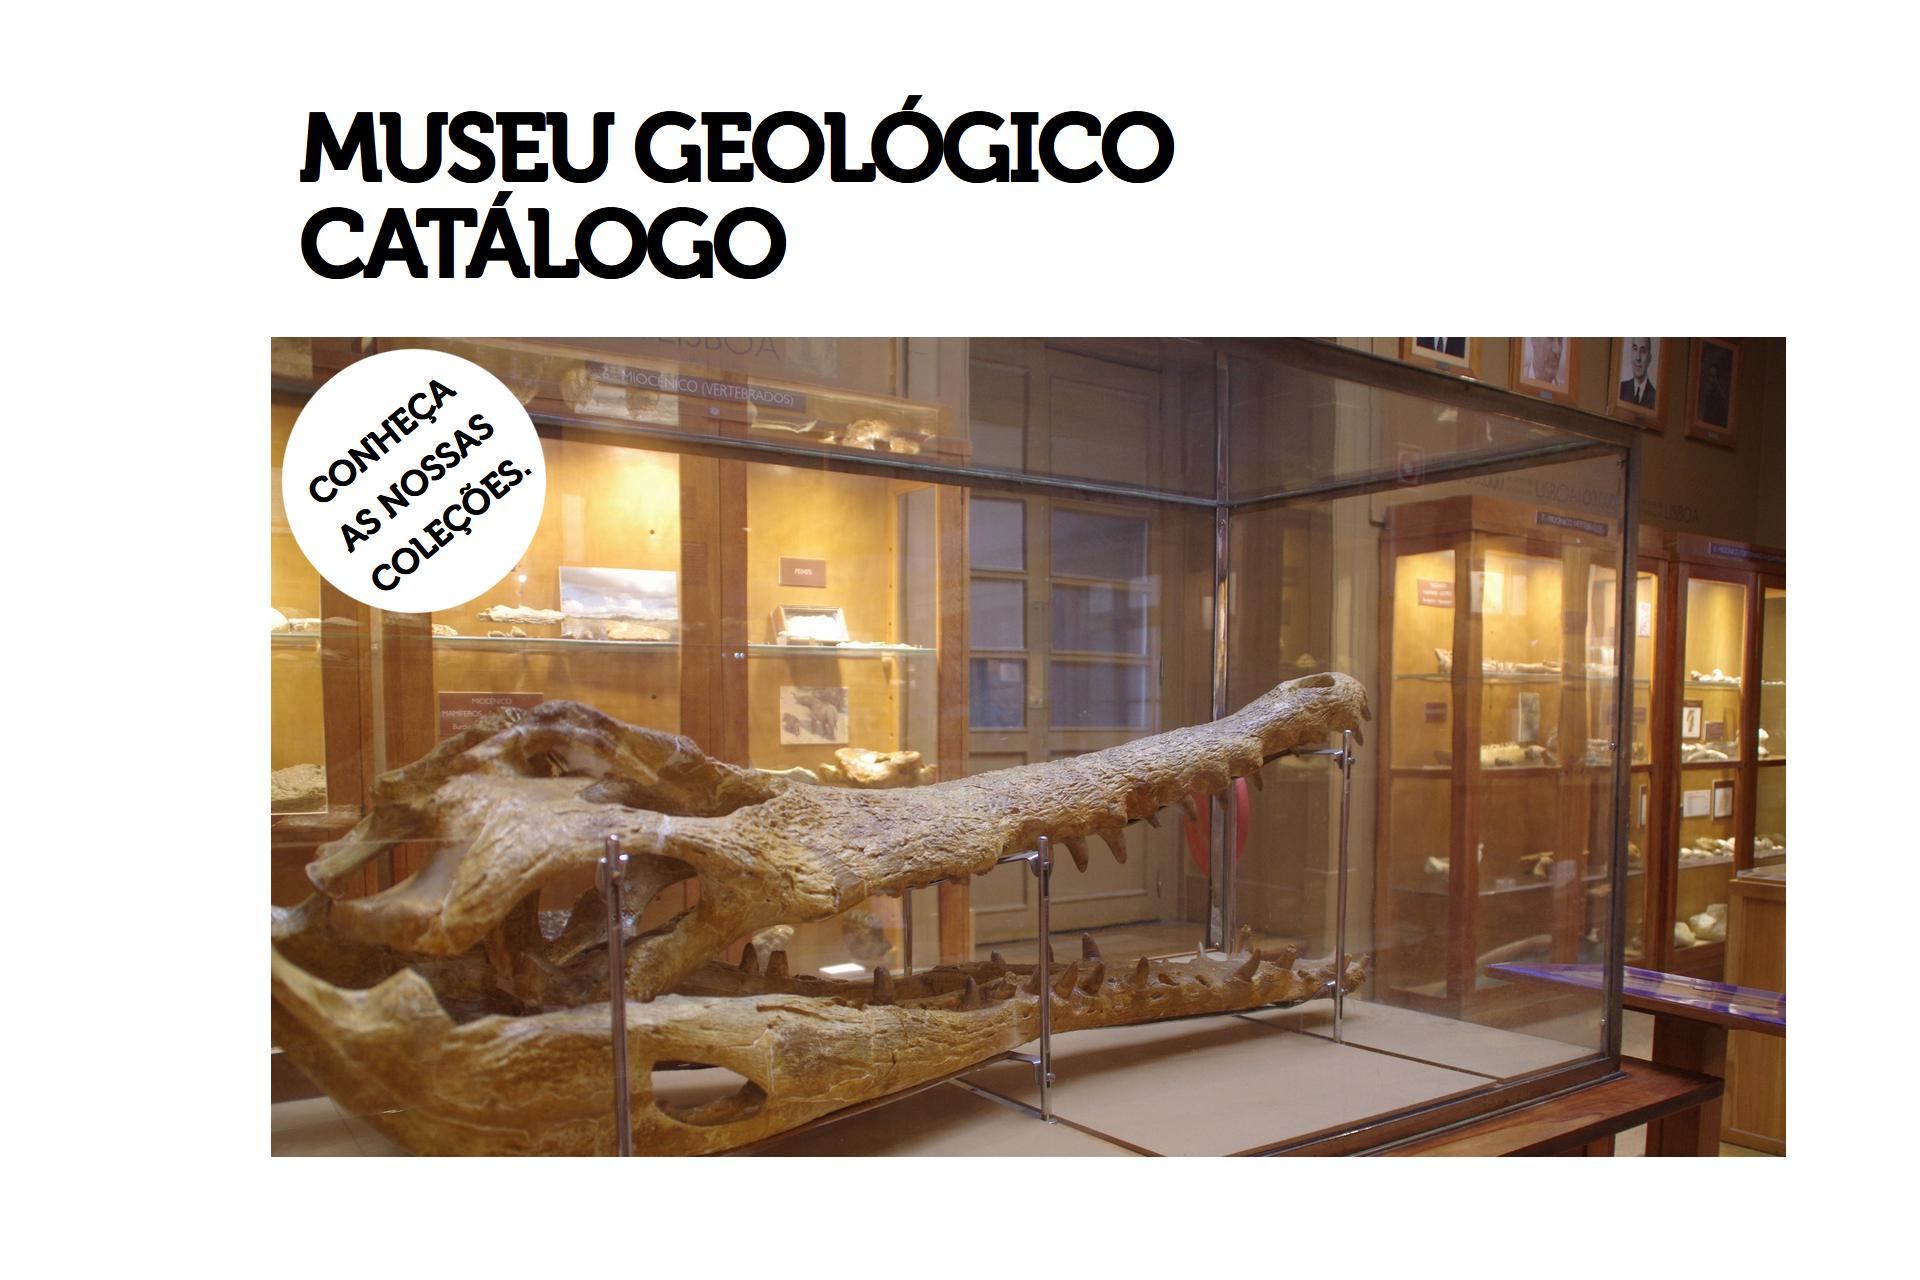 catalogo-do-museu-geologico